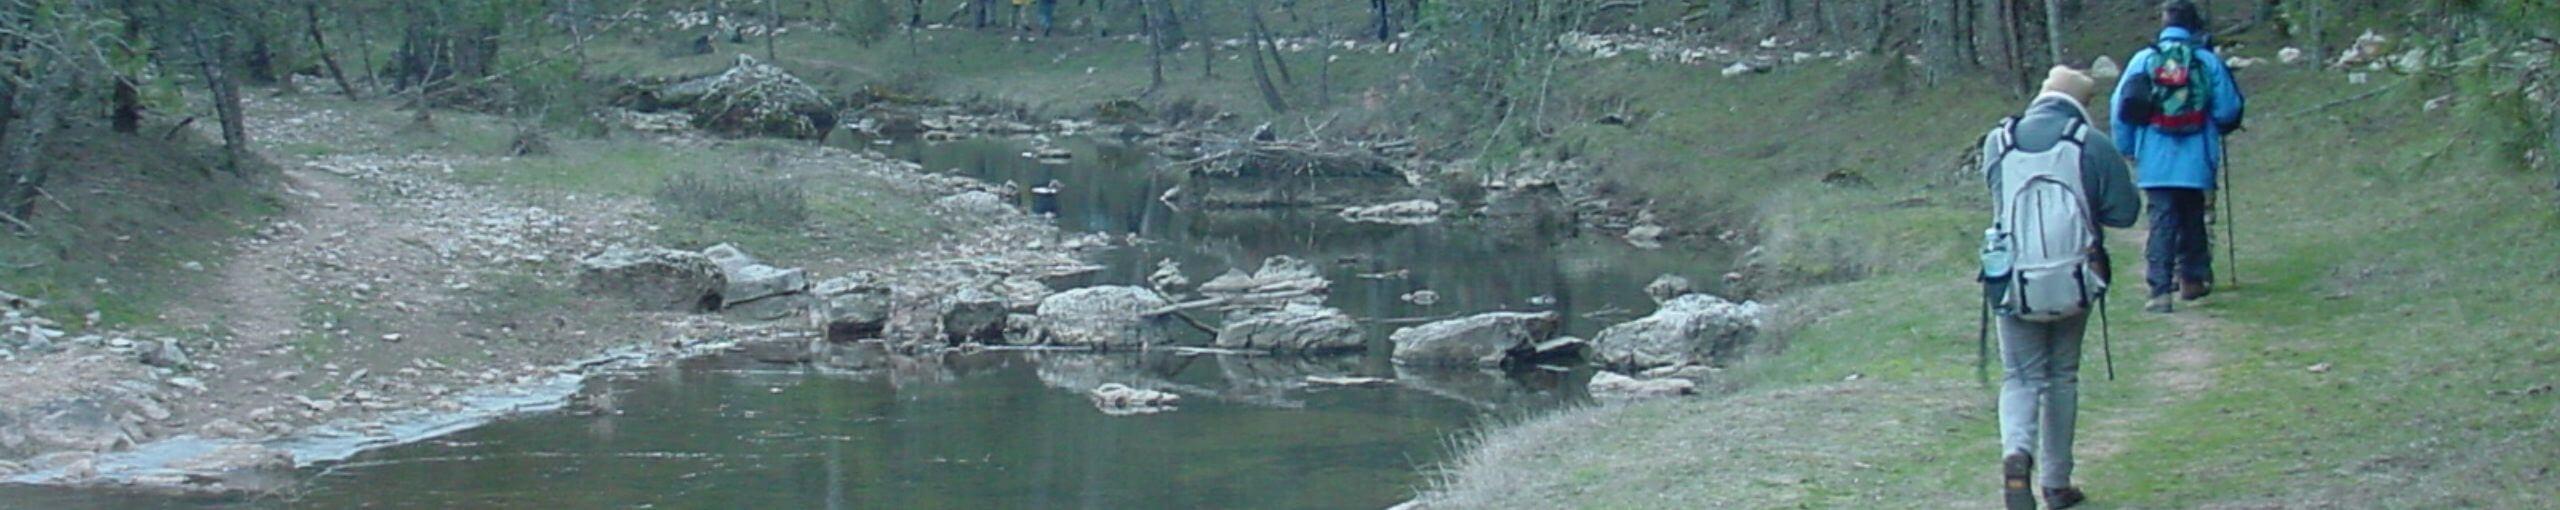 Parque Natural Cañón del Río Lobos